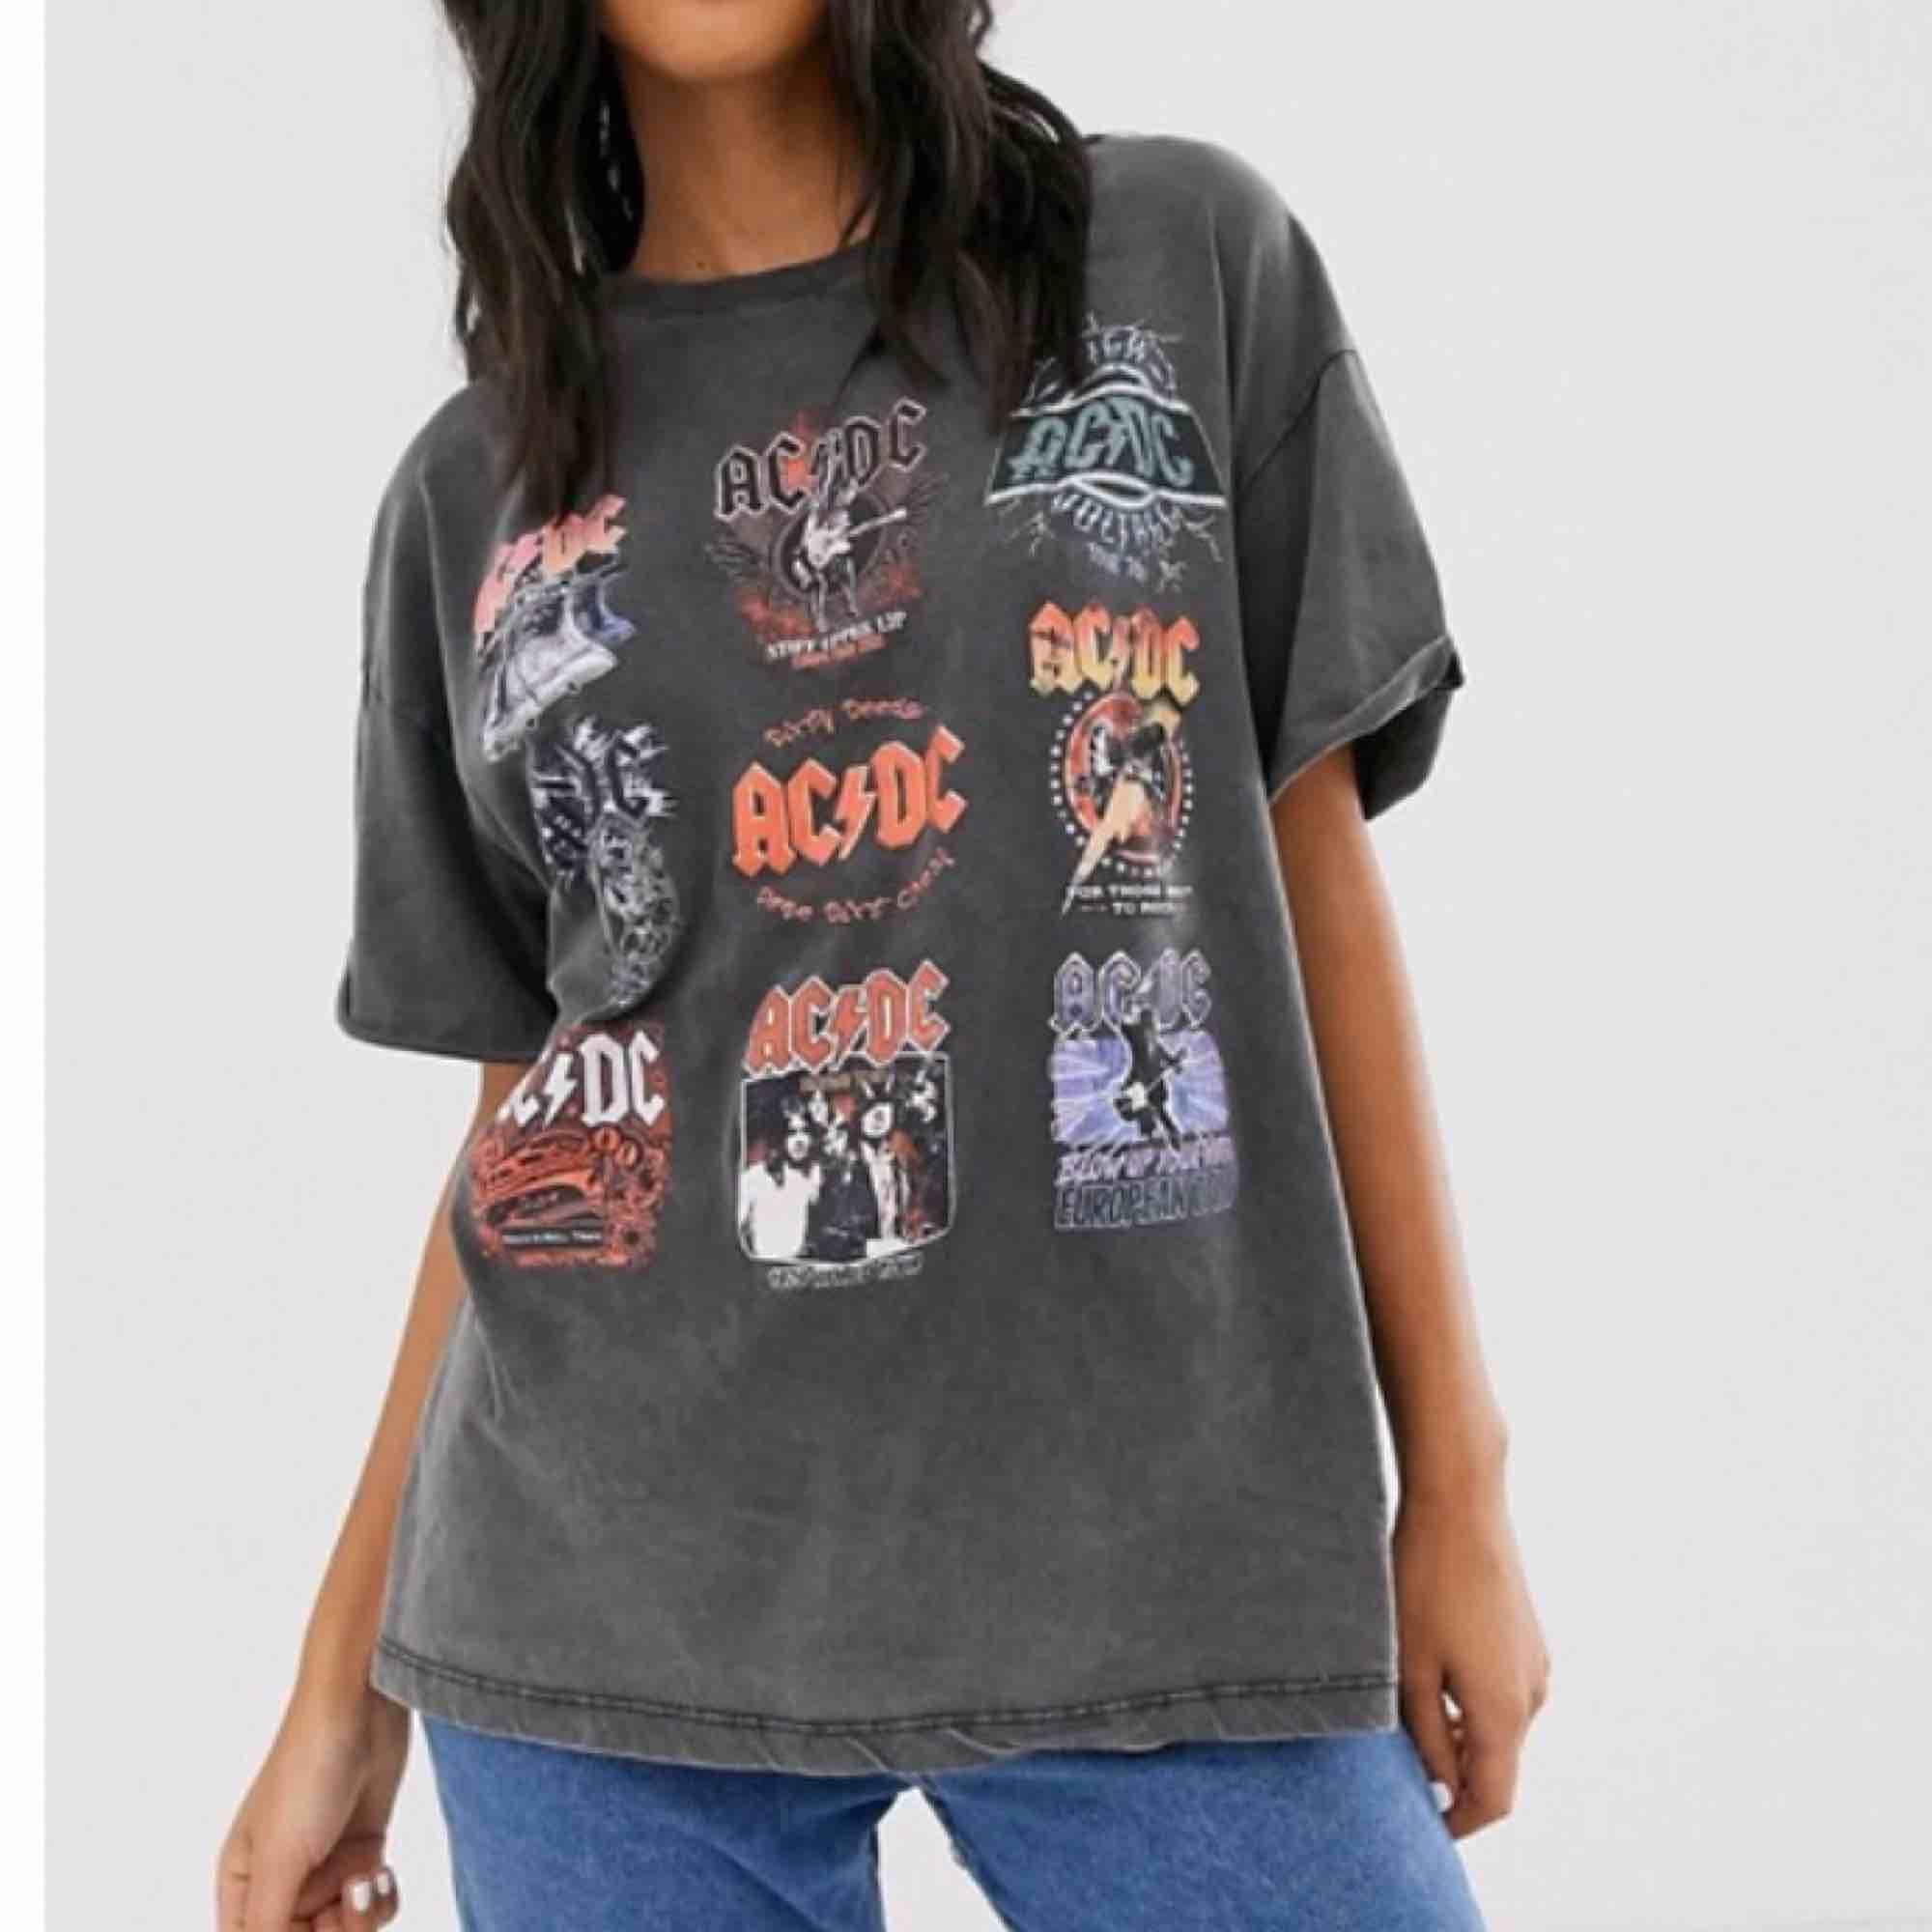 Jättesnygg Ac/dc tröja! Fint skick. Helt slutsåld och kommer ej tillbaka. 44kr  frakt, köparen står för frakt💖 bud: 500kr. T-shirts.